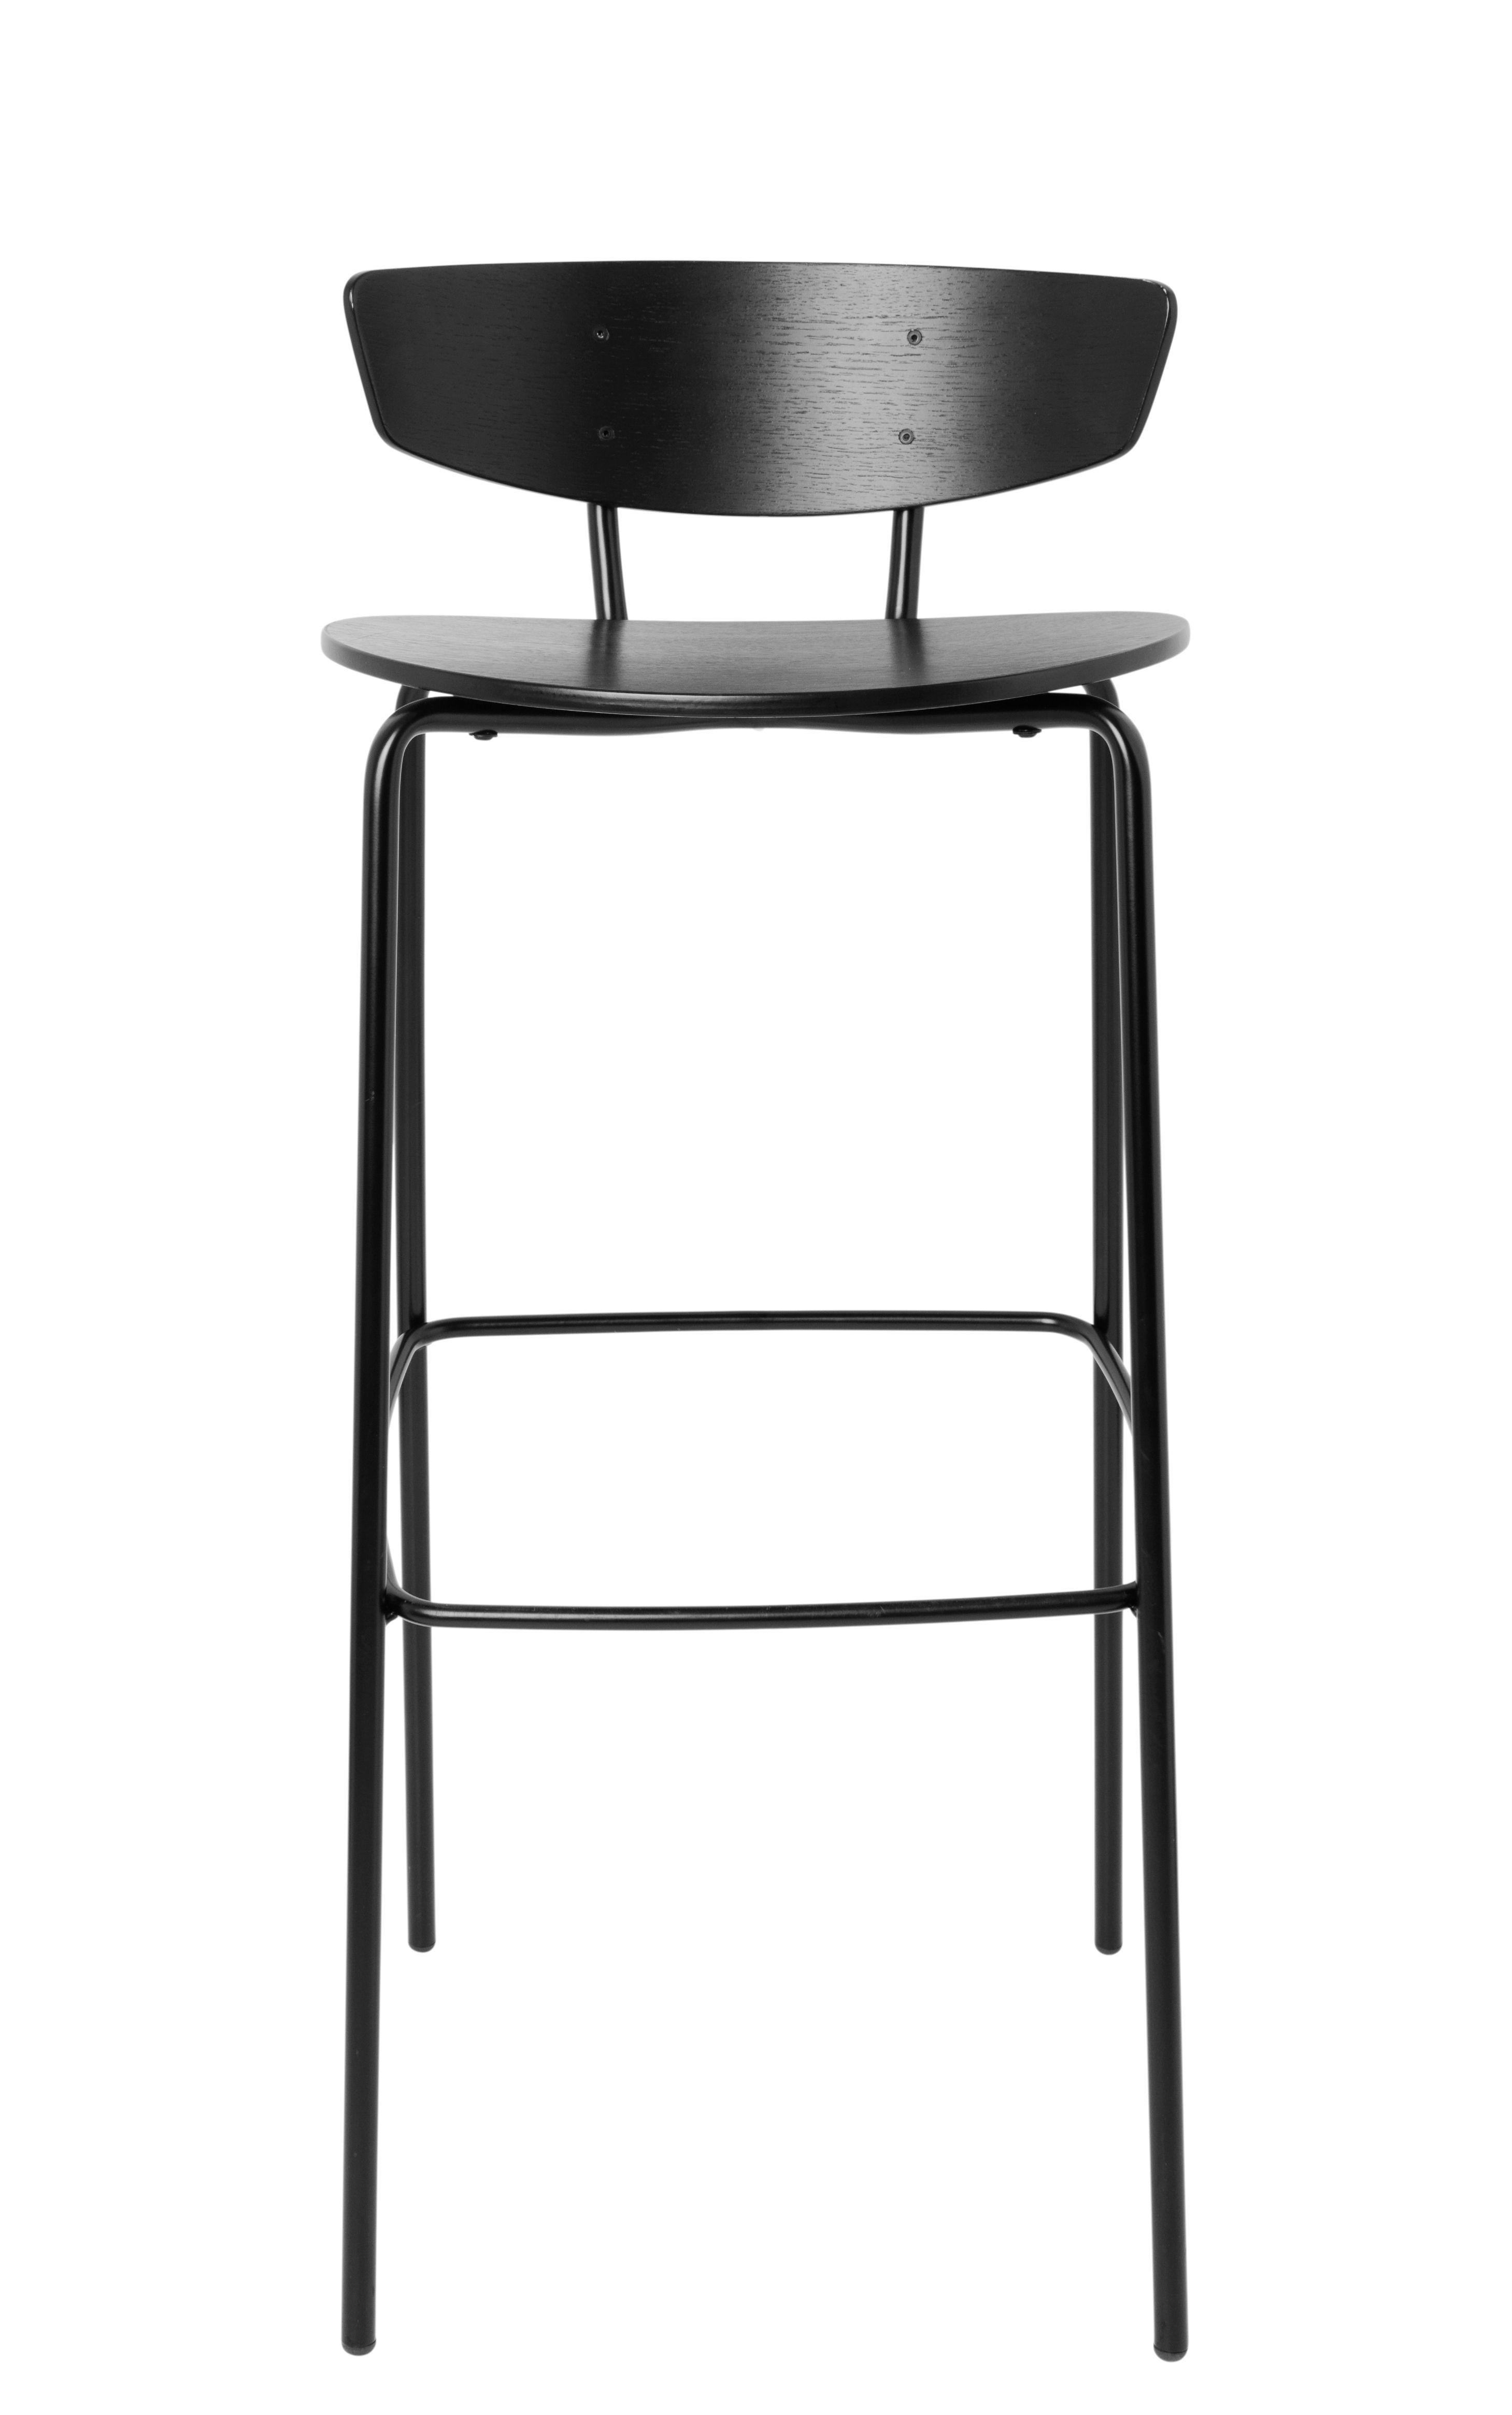 Mobilier - Tabourets de bar - Chaise de bar Herman / High - H 76 cm - Ferm Living - Large H 76 cm / Noir - Acier laqué époxy, Contreplaqué de chêne laqué